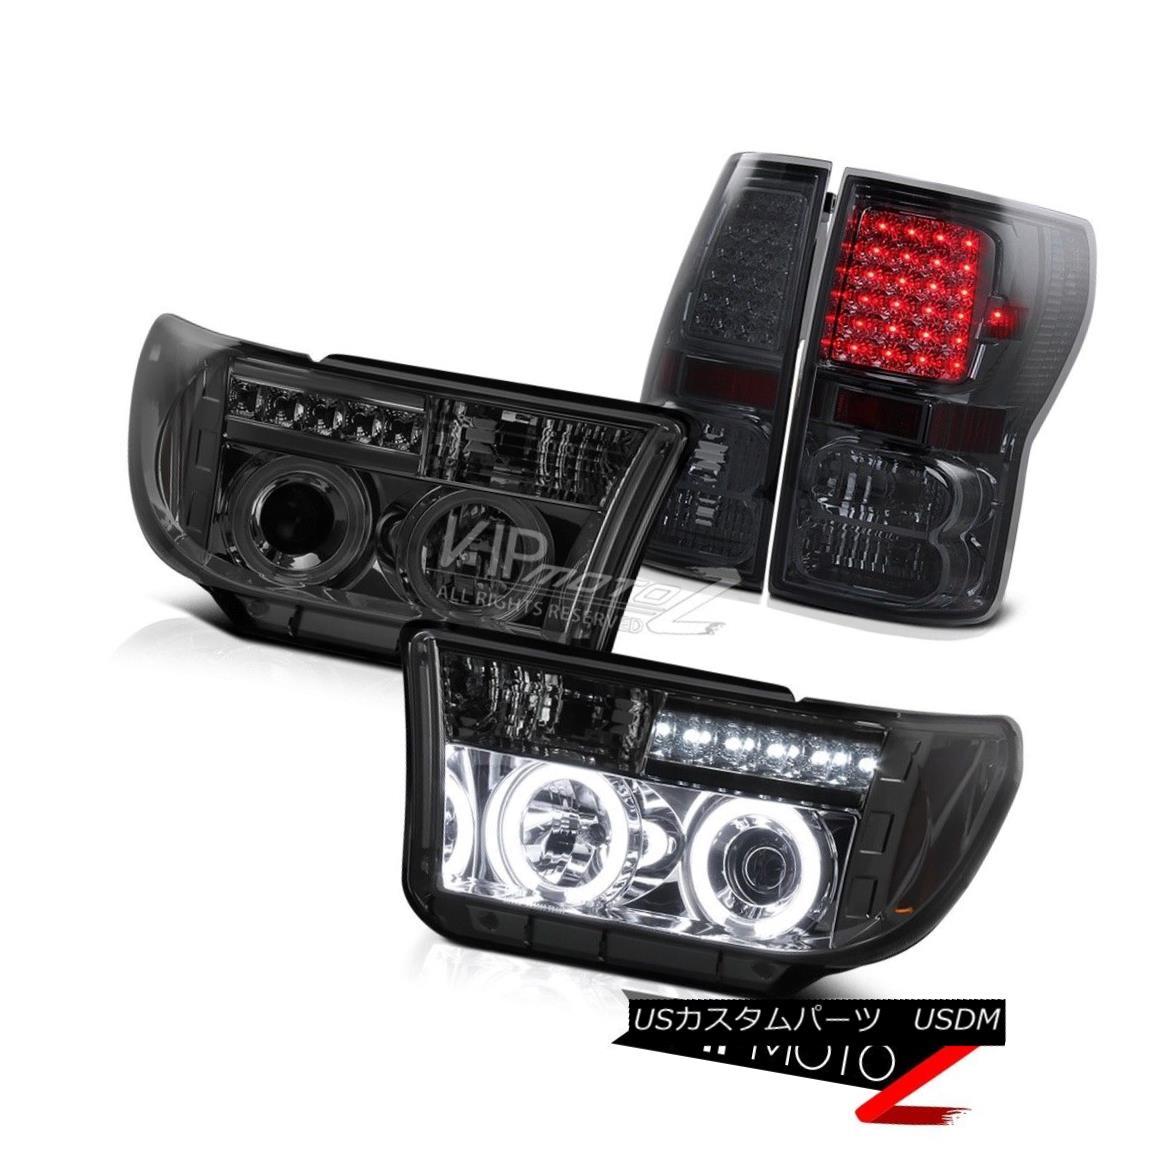 テールライト 07-13 Tundra V8 Truck CCFL Smoke LED Halo Projector Headlight+SMD Tail Lamp L+R 07-13 Tundra V8トラックCCFLスモークLEDハロープロジェクターヘッドライト+ SMDテールランプL + R